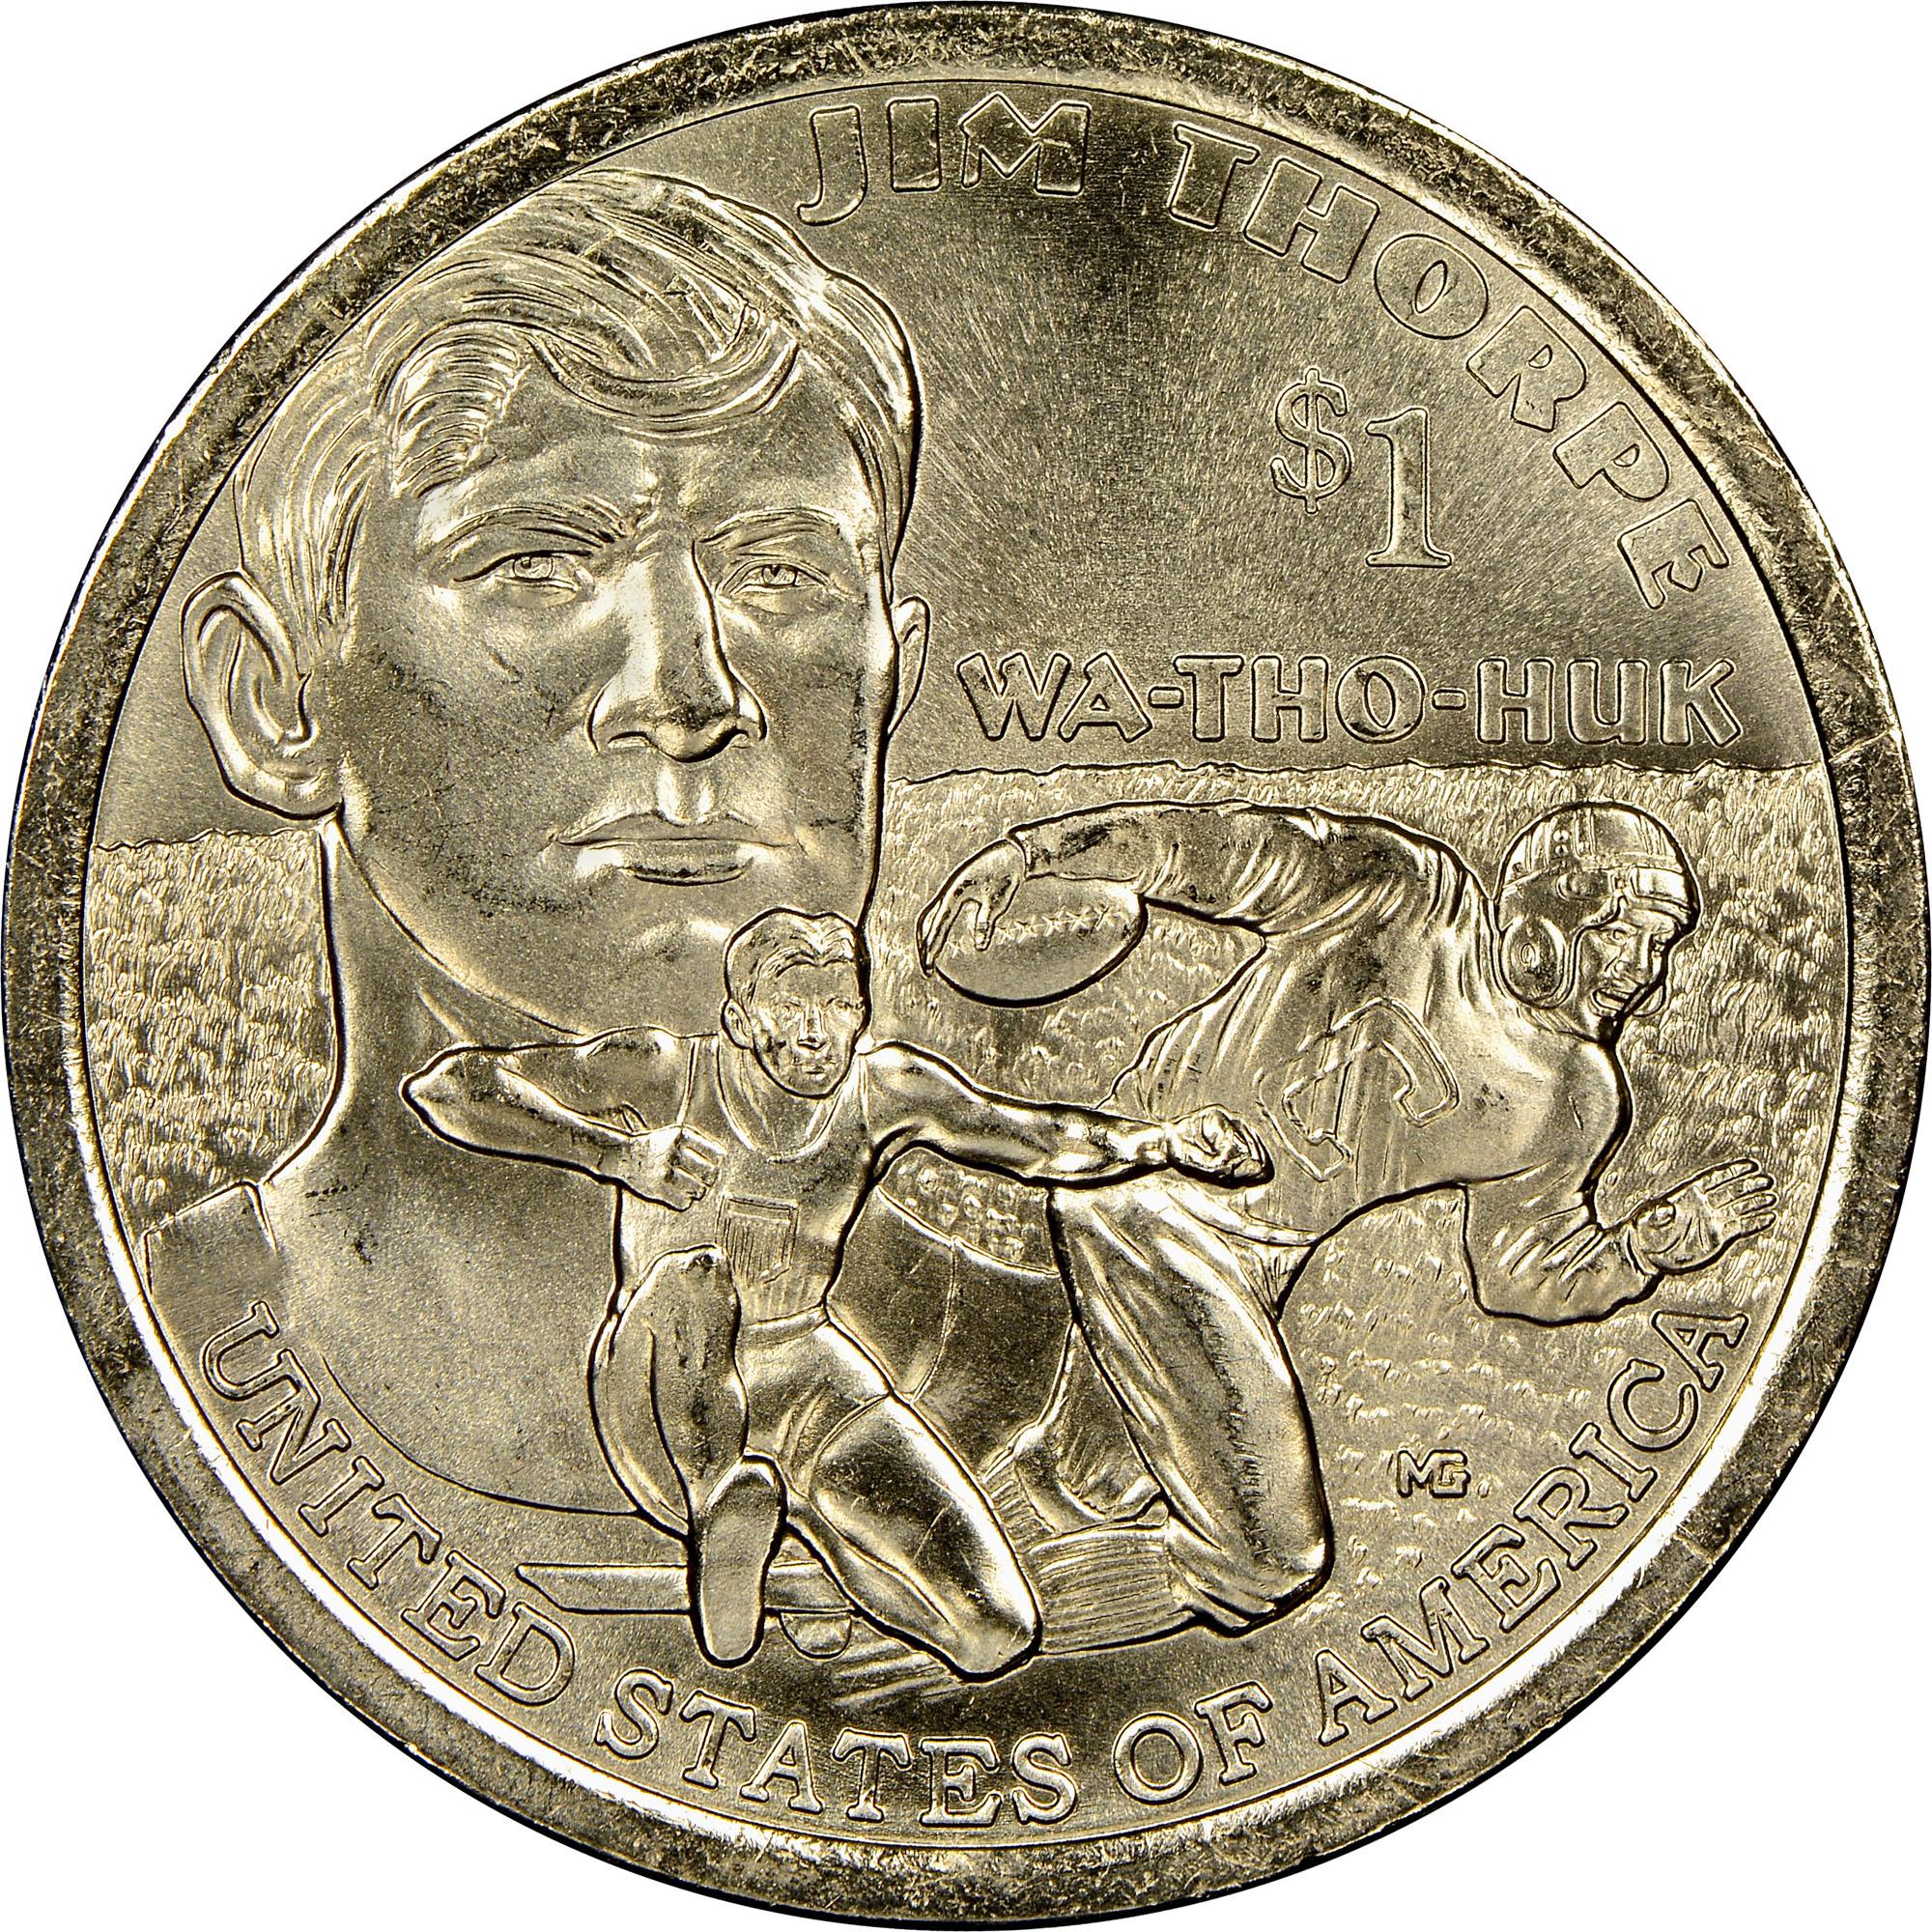 2018 P Native Sacagawea Dollar Jim Thorpe $1 NGC MS67